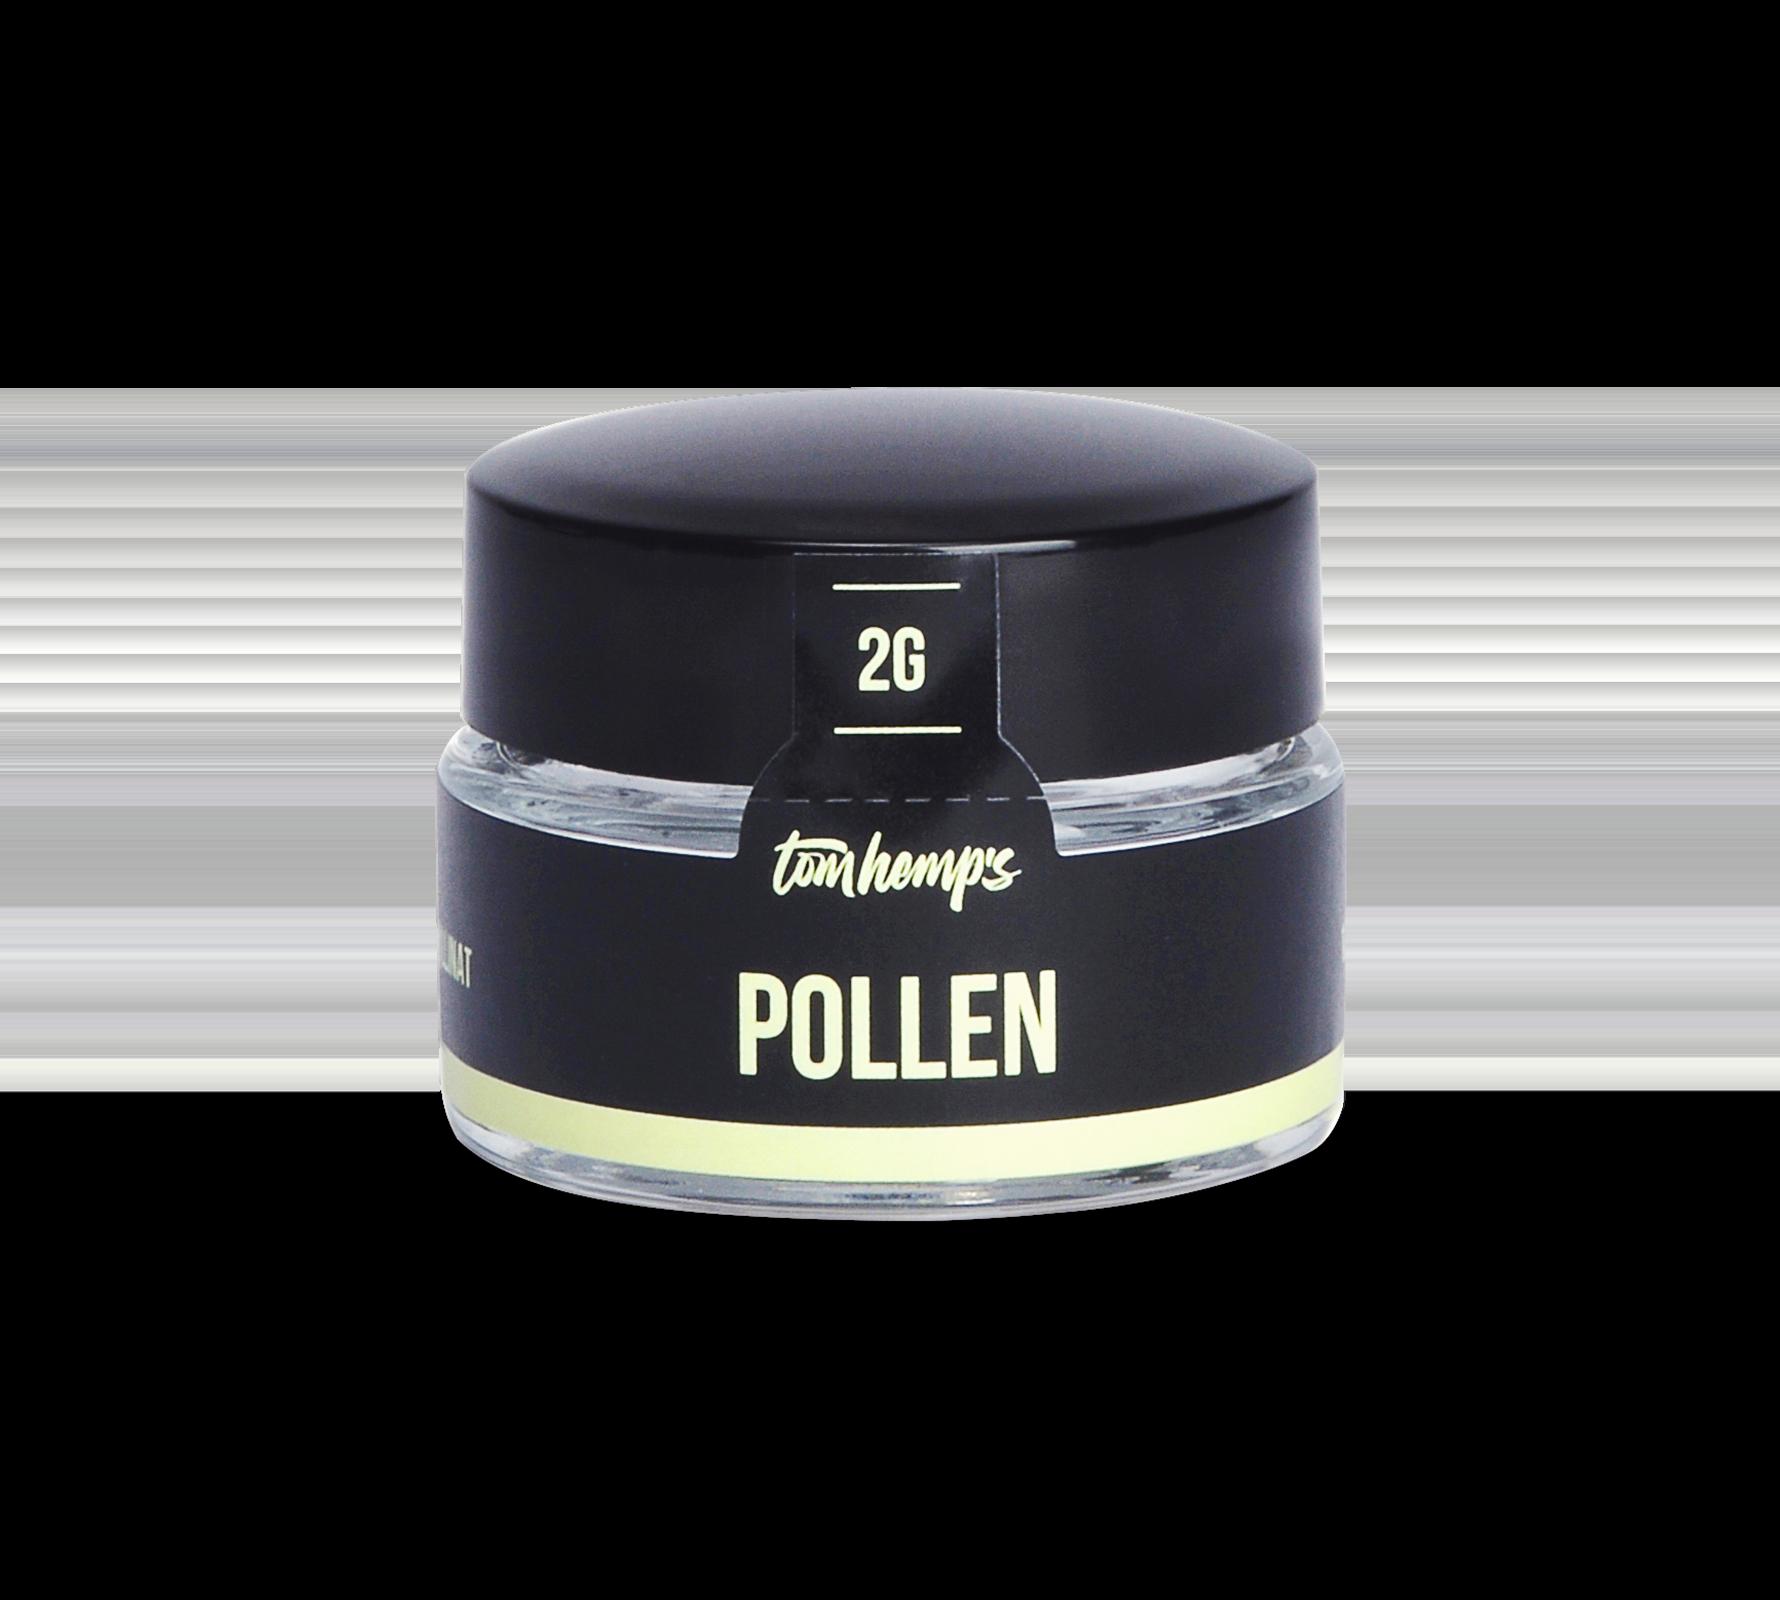 Tomhemps Drhasch Pollen 2gr Desktop Detail Hd 1780×1600